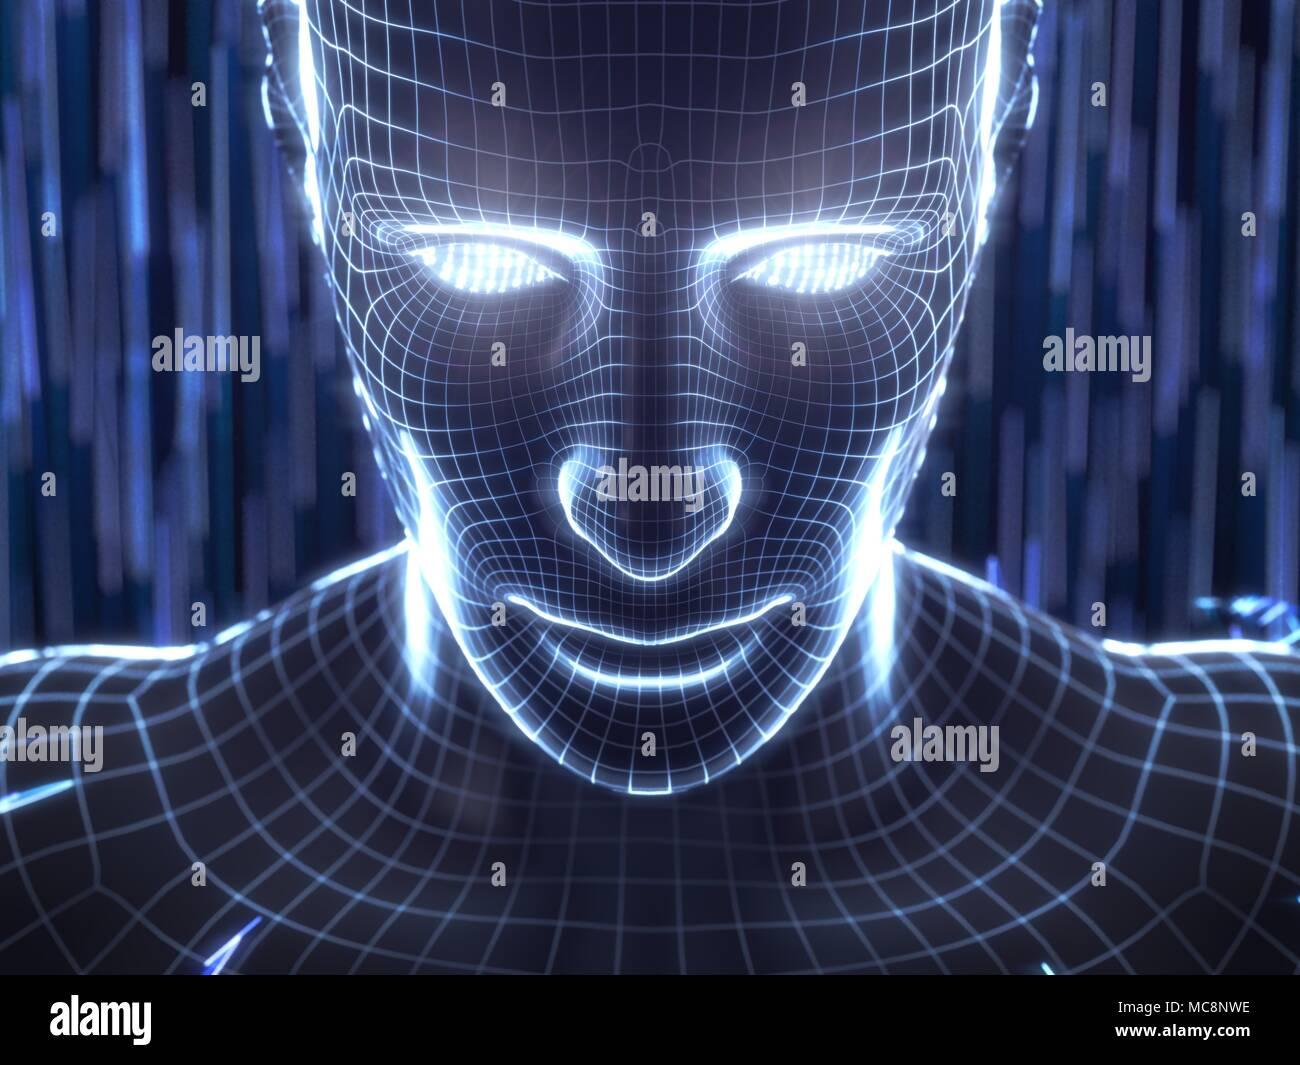 Künstliche Intelligenz Konzept mit virtual human Avatar. 3d-Abbildung. für Technologie geeignet, künstliche Intelligenz, Data Mining, tiefen learnin Stockbild